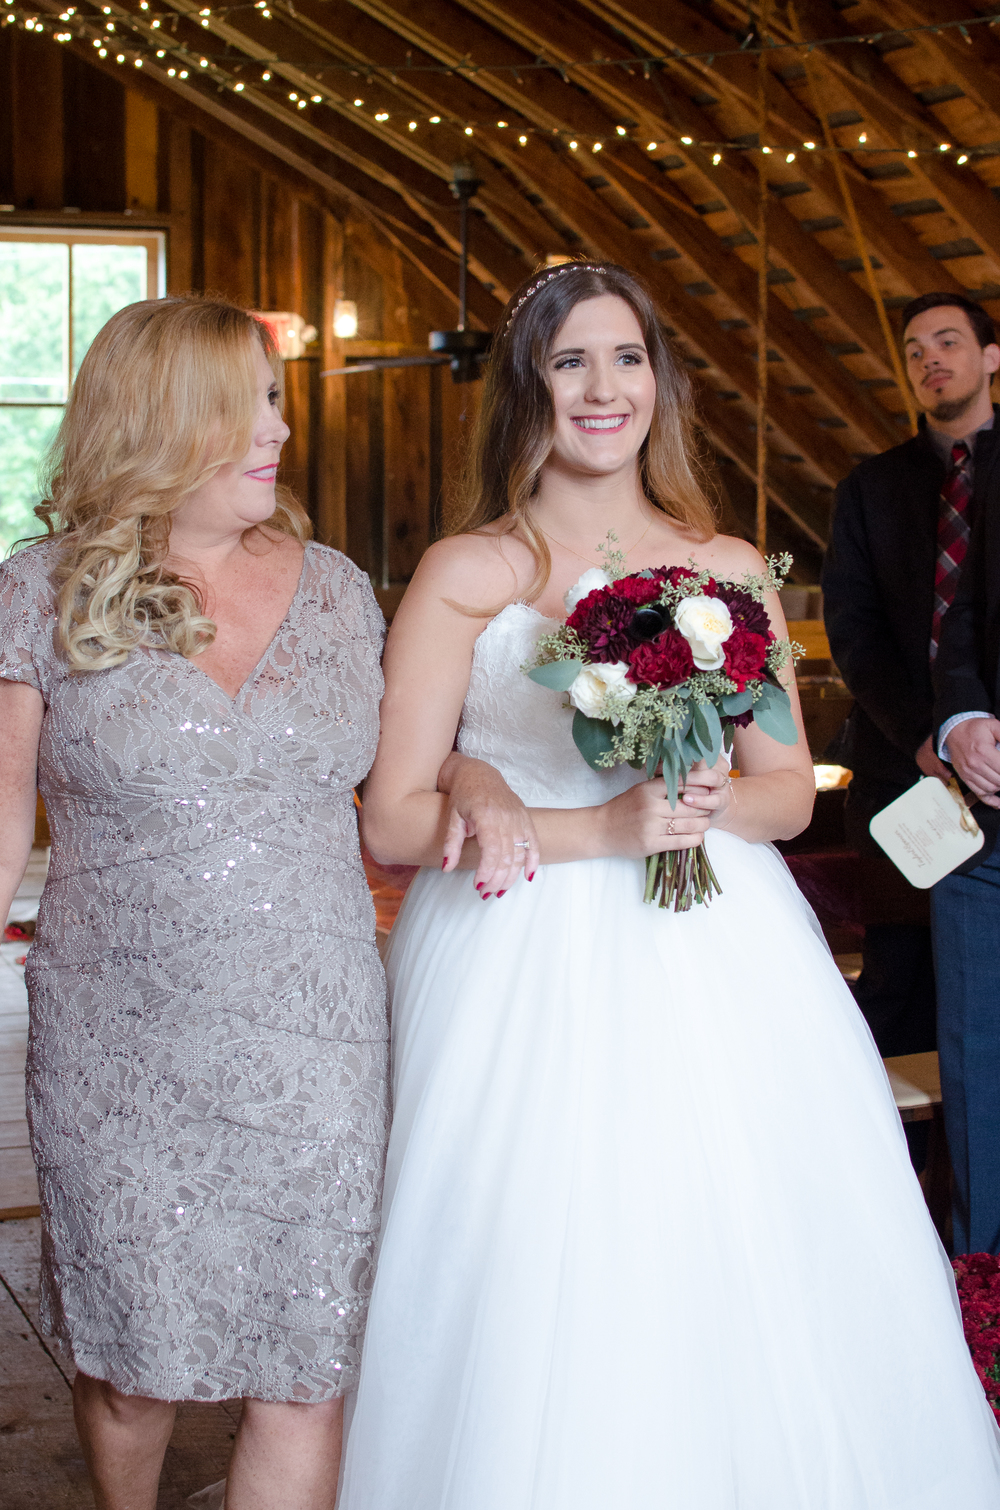 The Glasgow Farm Wedding rustic fall ceremony bride Photo